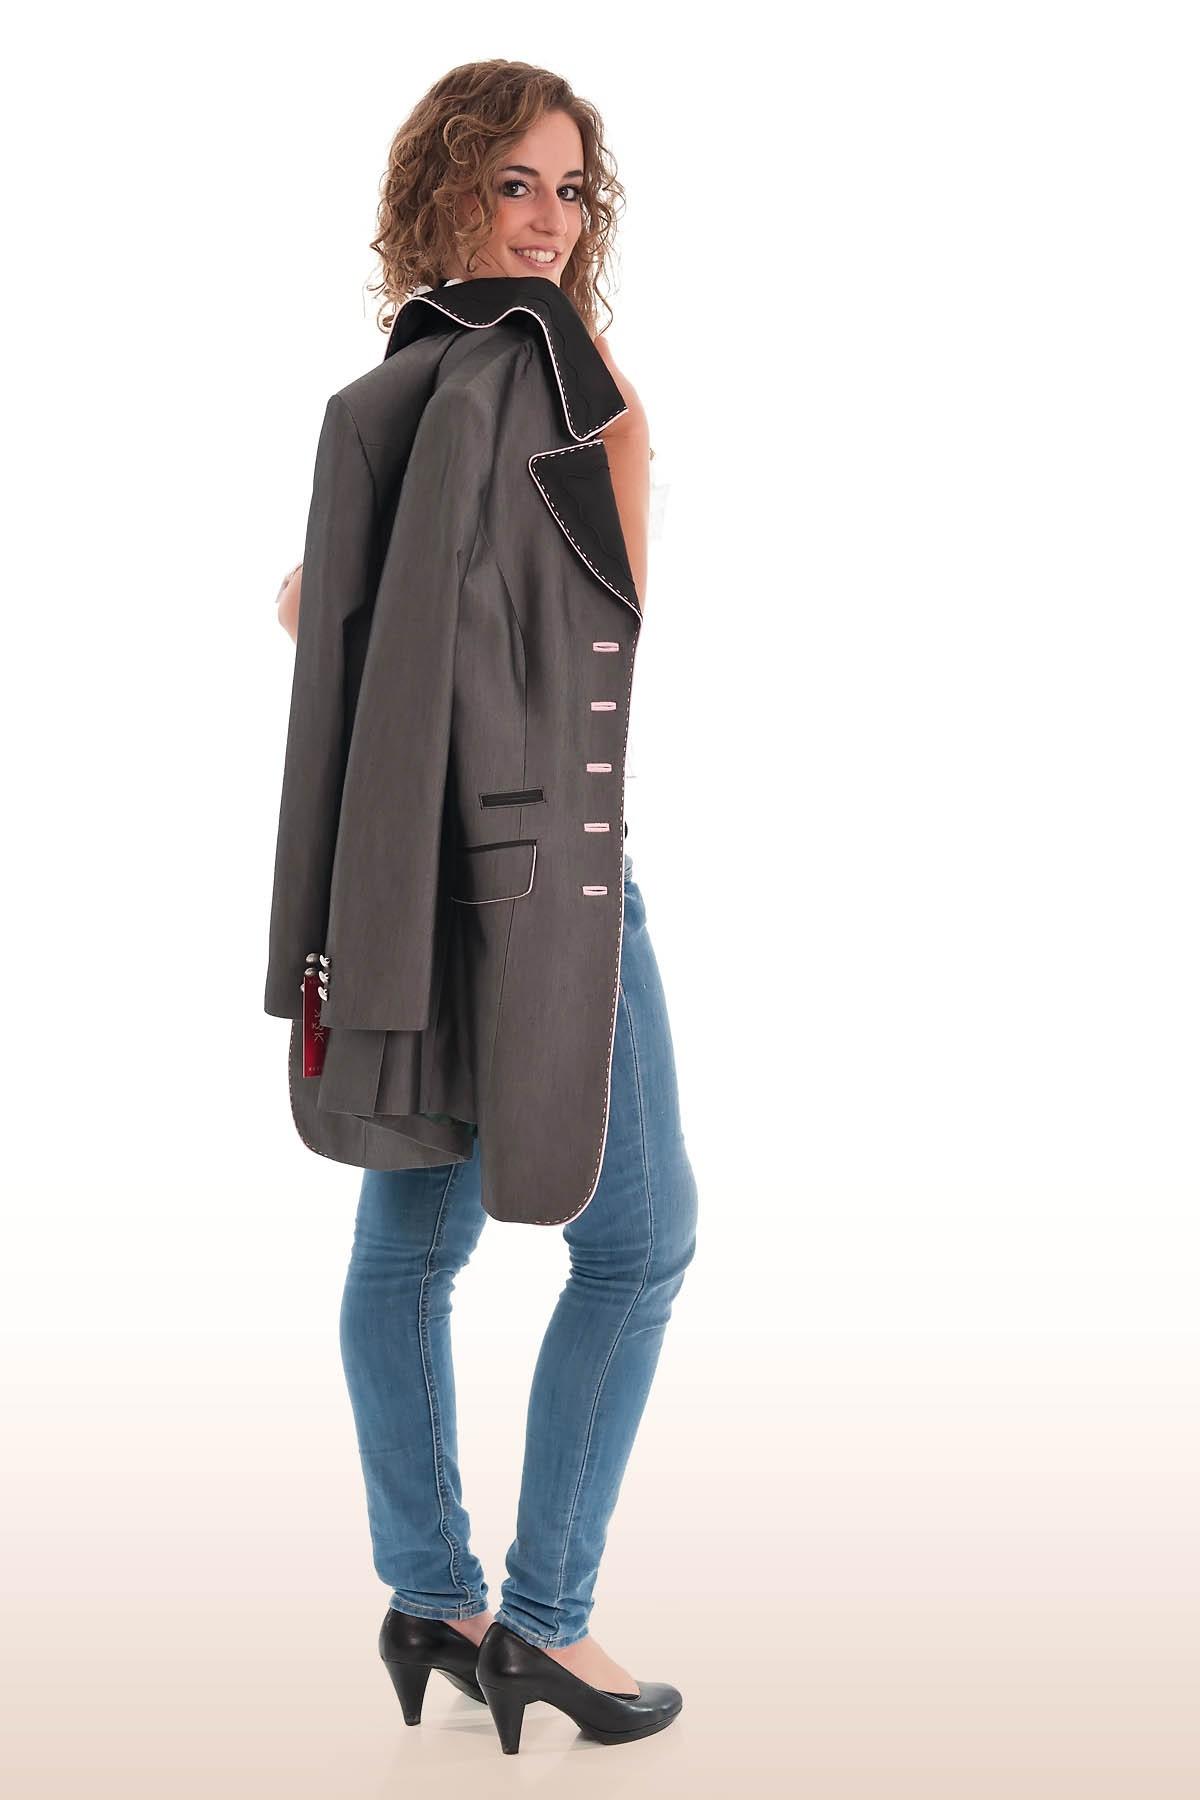 kaiserj ger exklusiver gehrock trachtenjanker grau ros 36 38 40 42 44 ebay. Black Bedroom Furniture Sets. Home Design Ideas